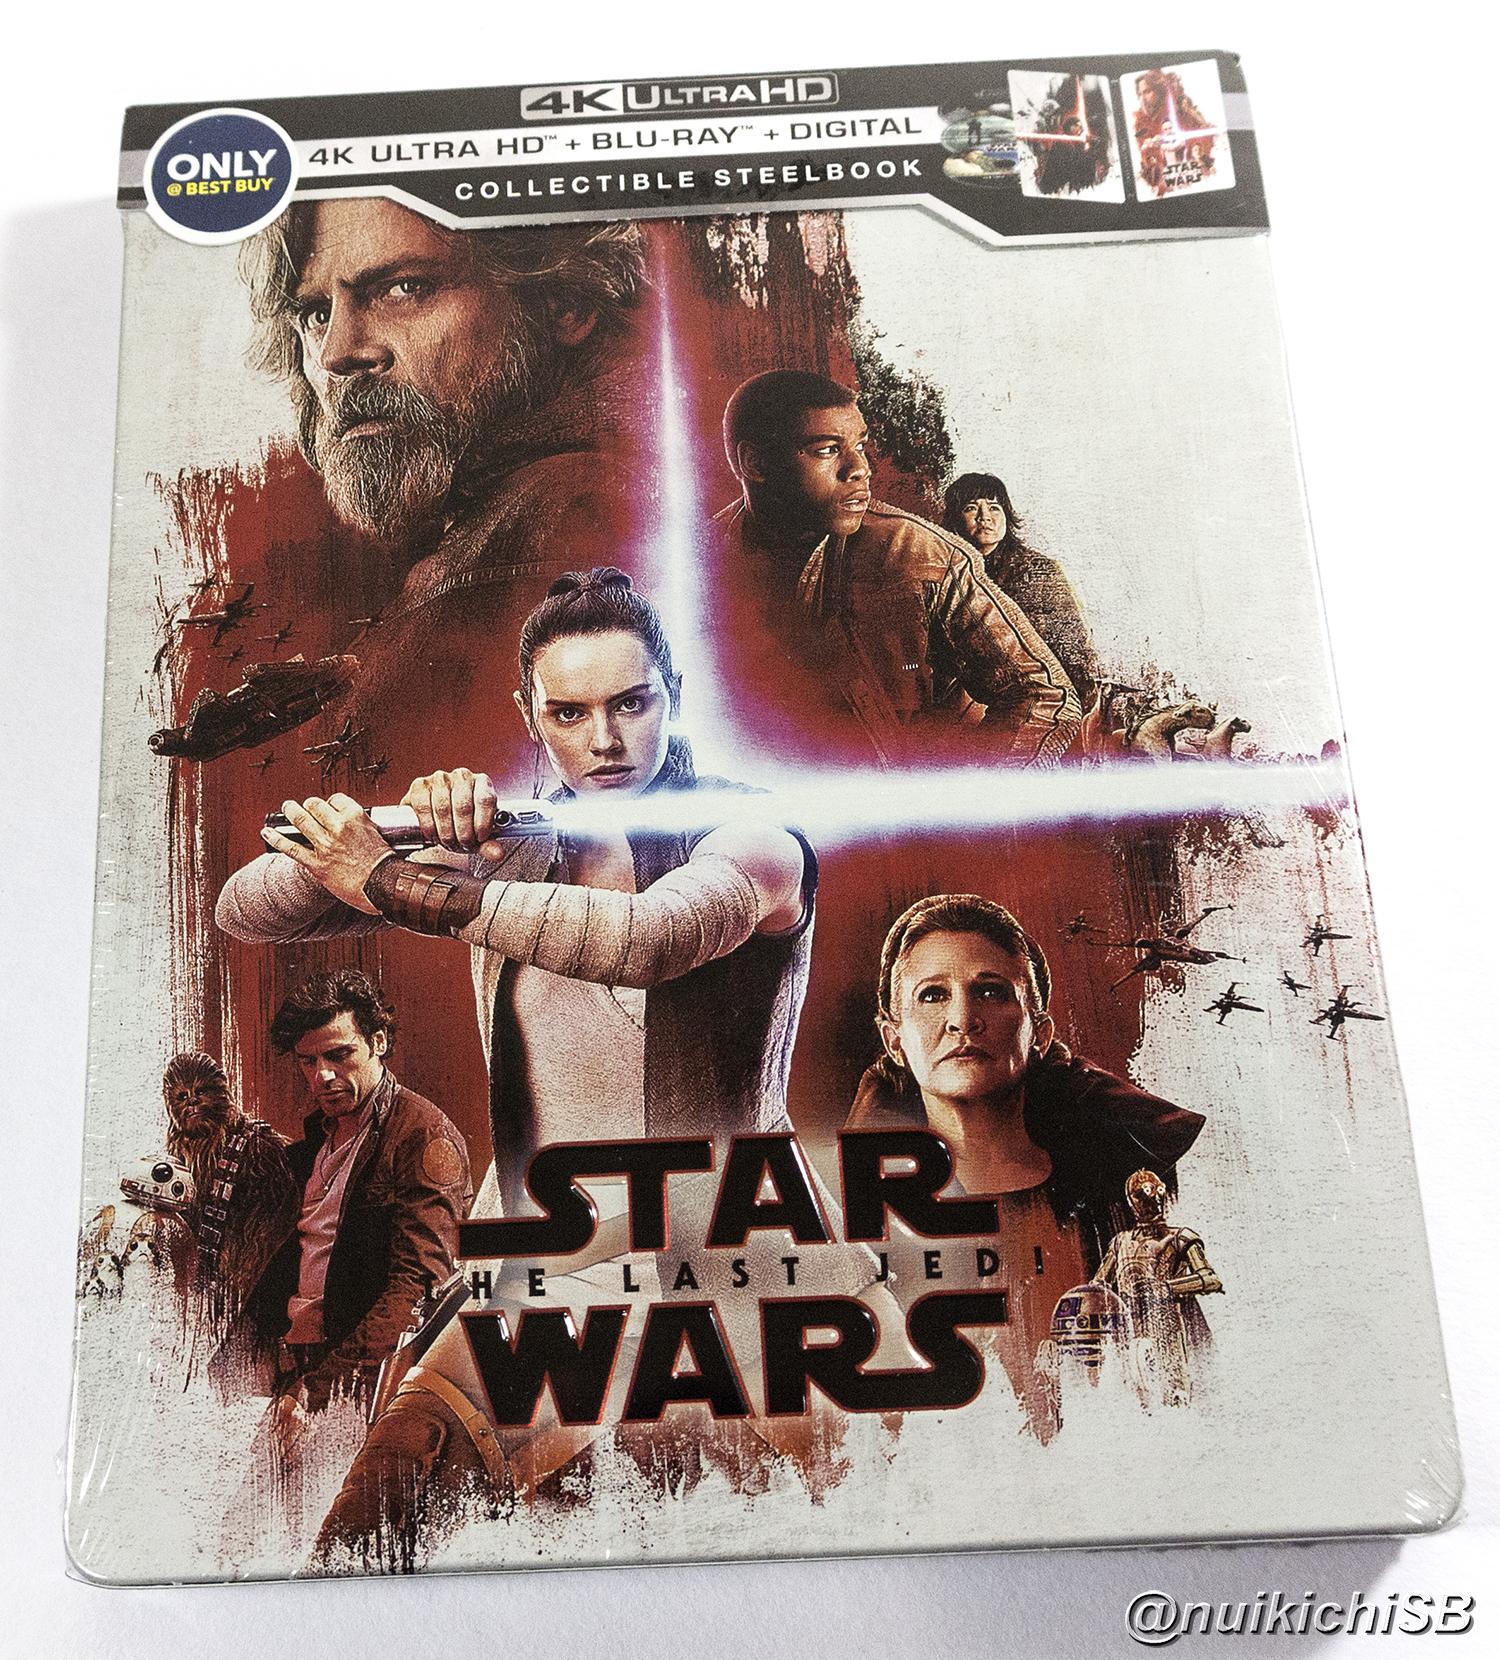 920cc1e04d スター・ウォーズ/最後のジェダイ BEST BUY スチールブック Star Wars: The Last